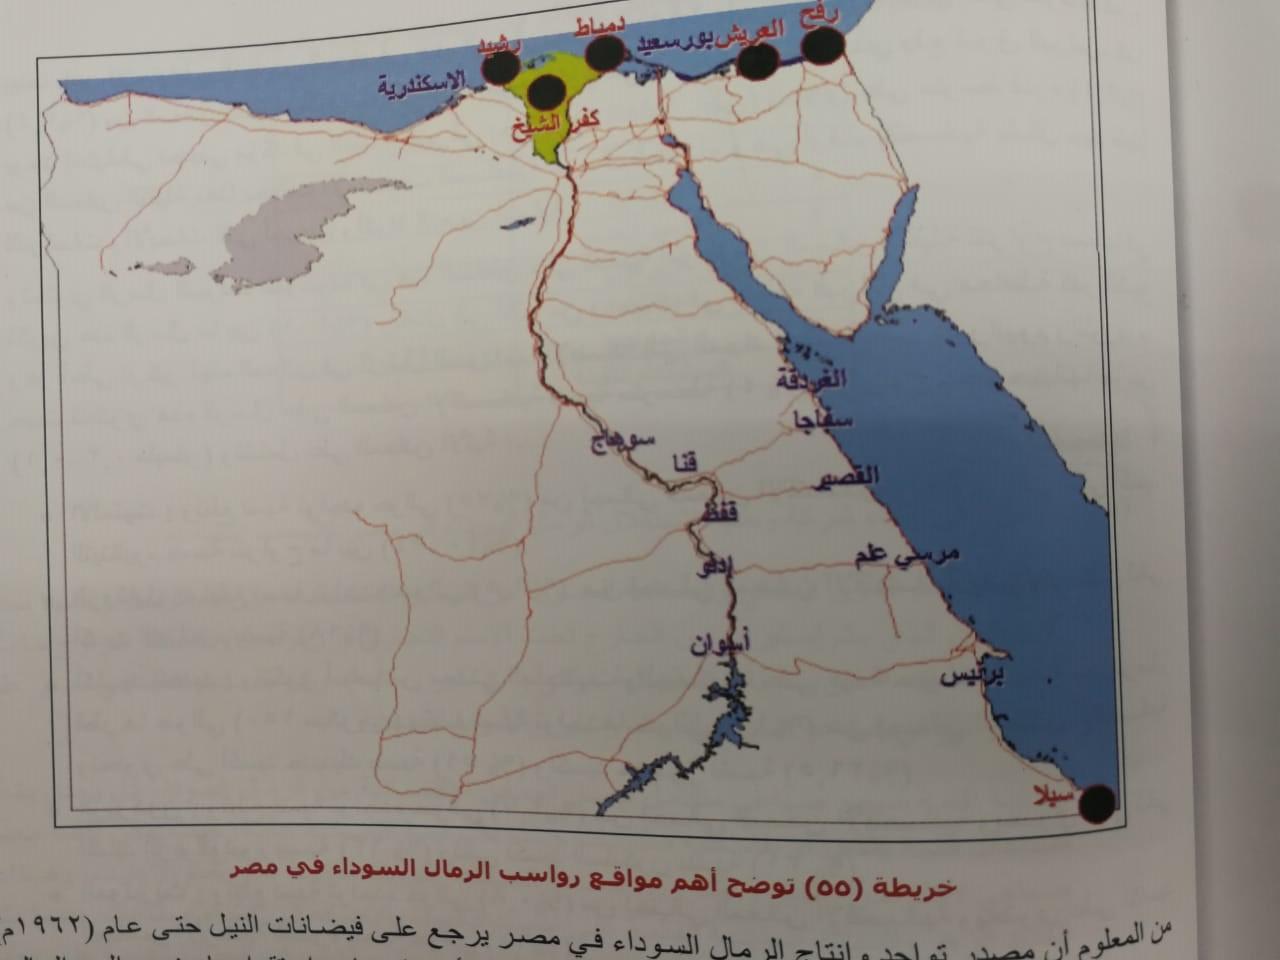 مصر تمتلك  أحد عشر موقعا  للرمال السوداء على طول الساحل  الشمالي (2)